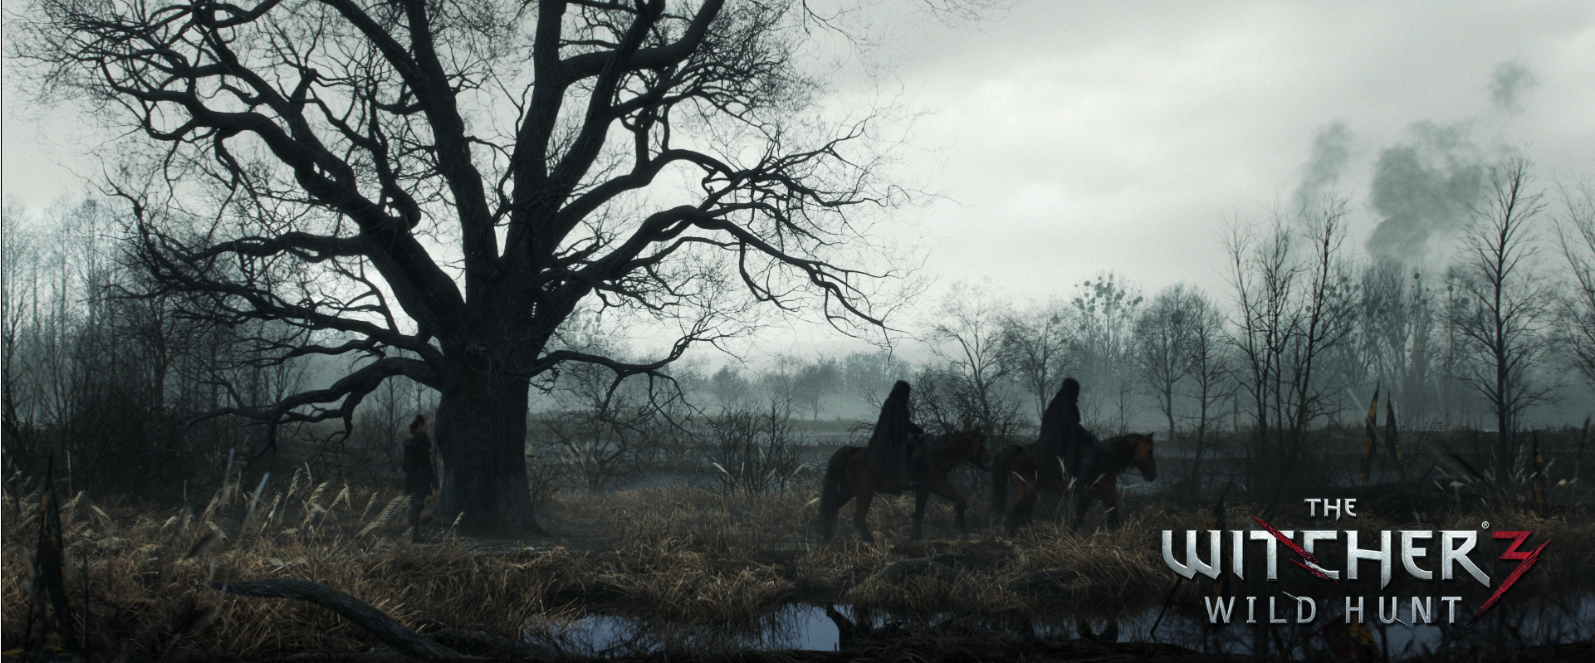 The Witcher 3: Wild Hunt. Новые факты. Вопросы и ответы.   -В игру возвращается один из прежних способов восстановле ... - Изображение 1